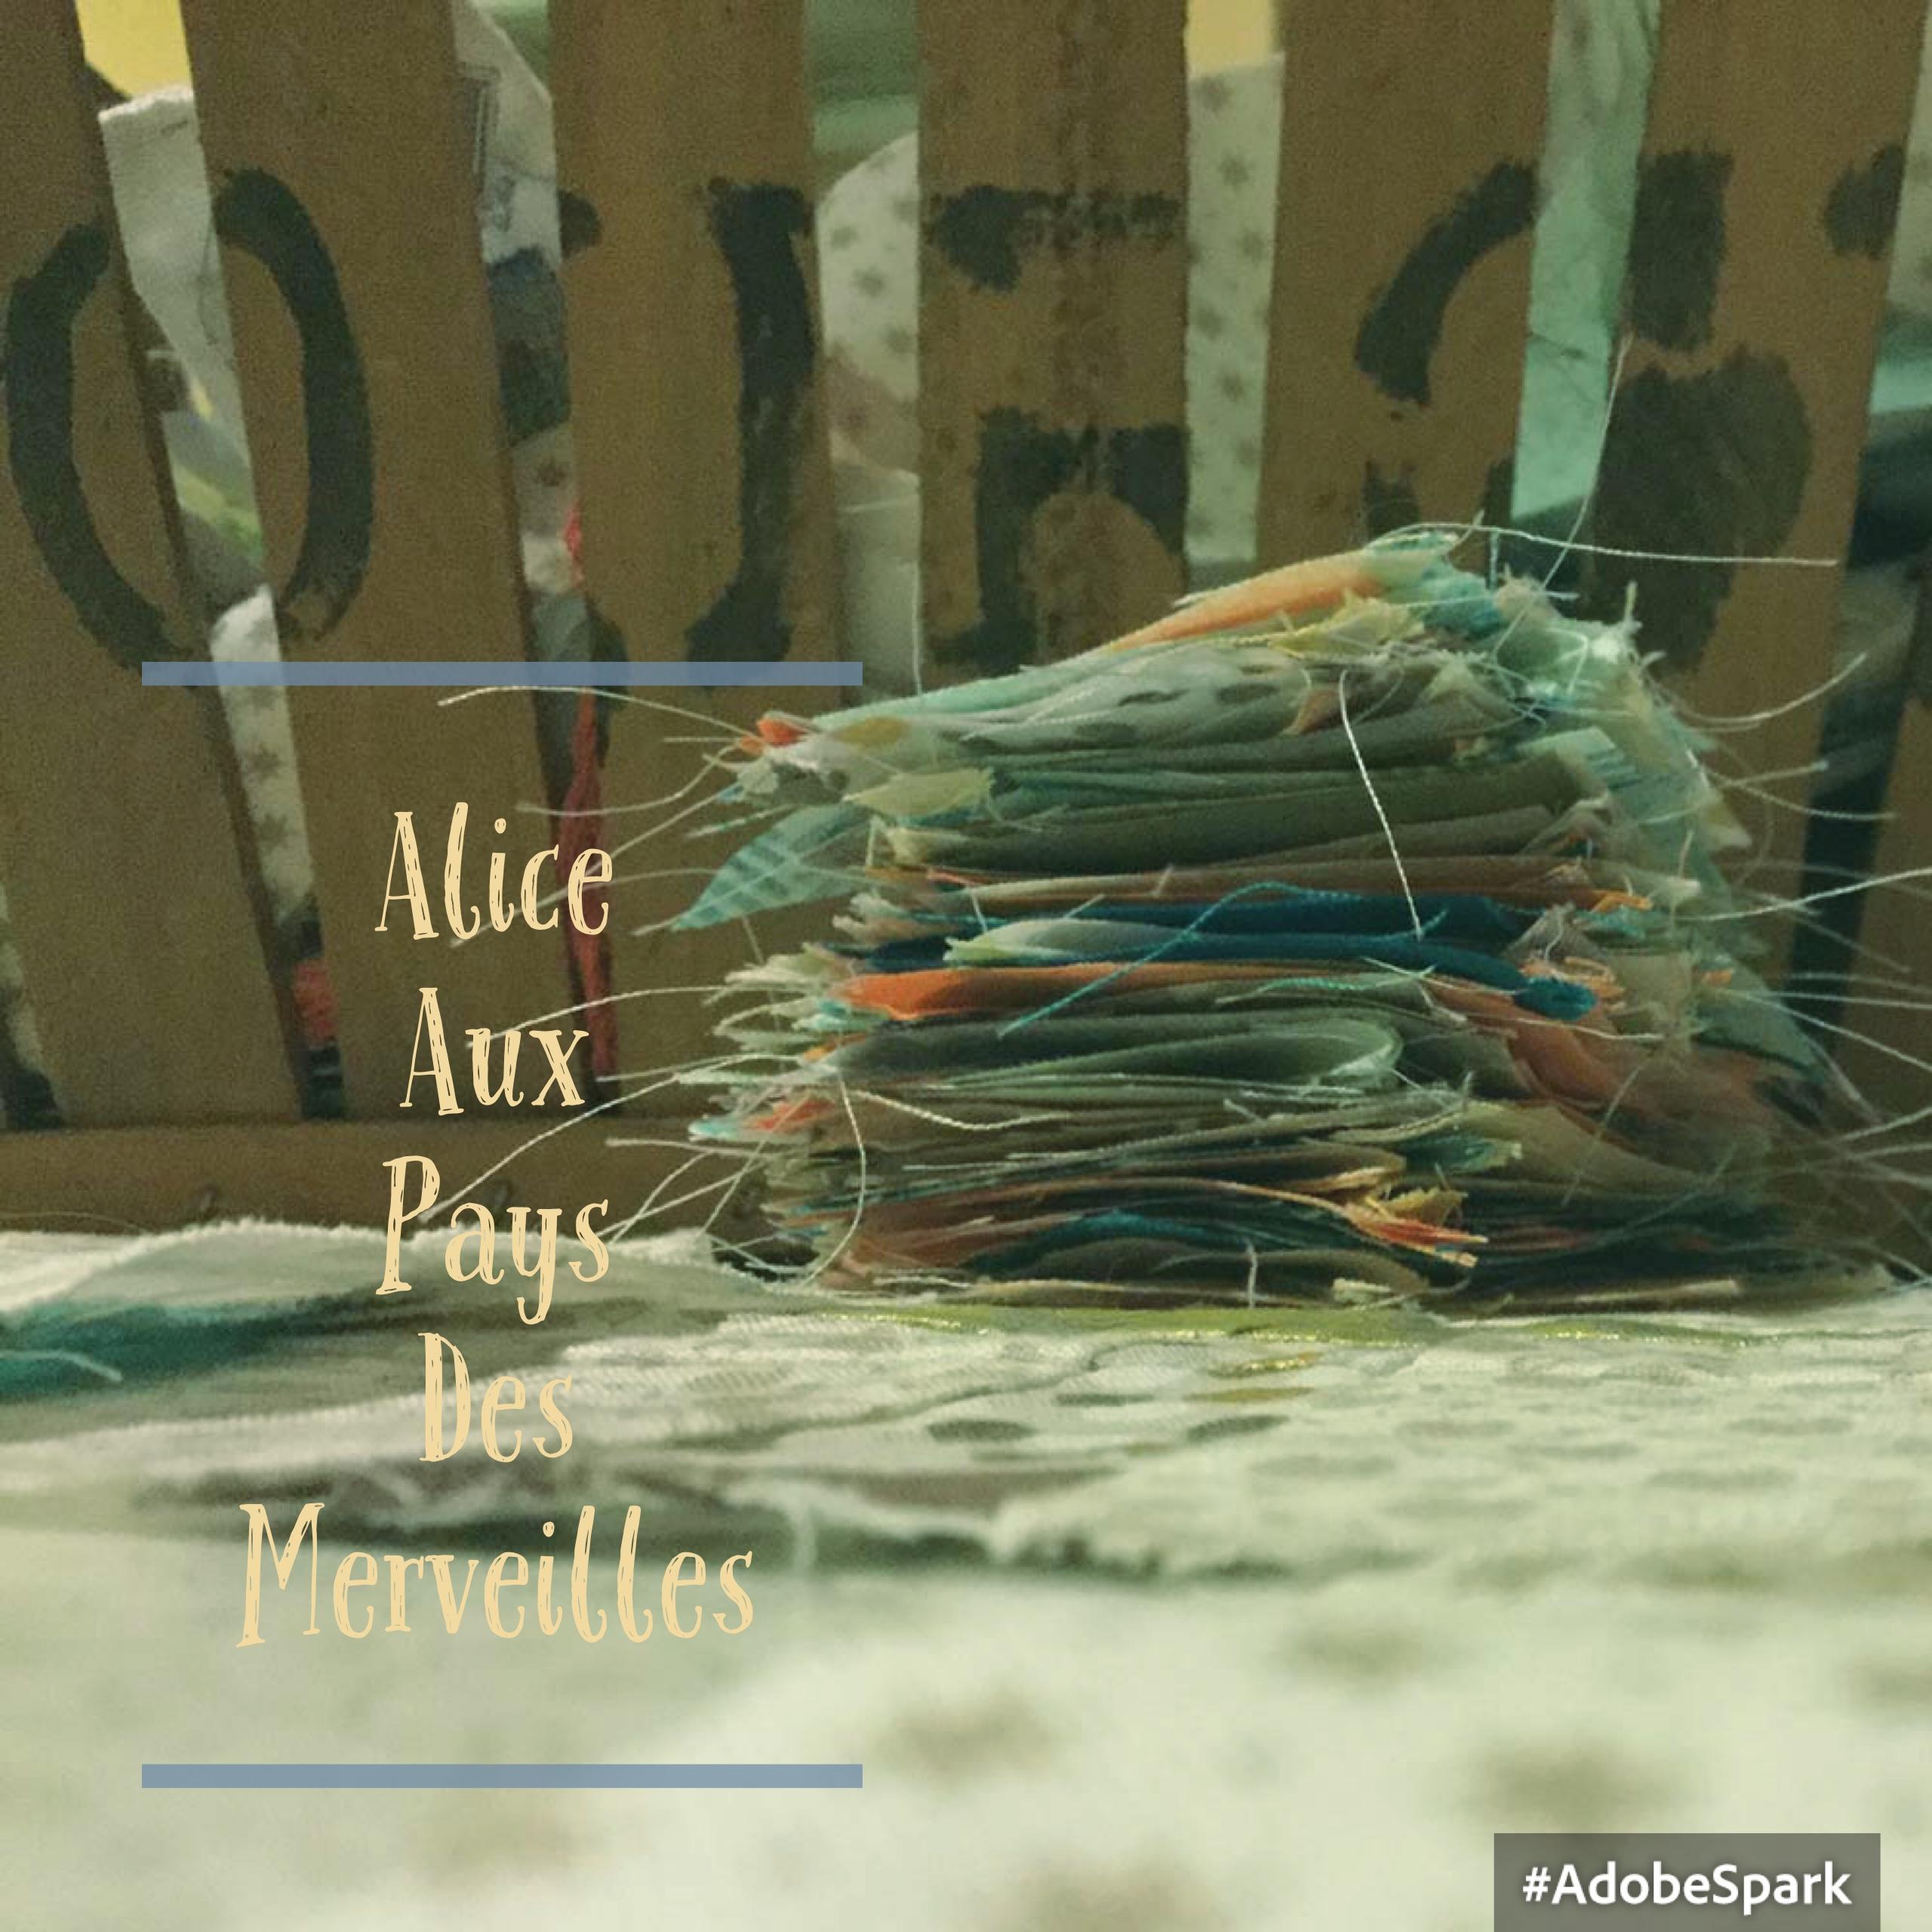 alice-aux-apys-des-merveilles-3